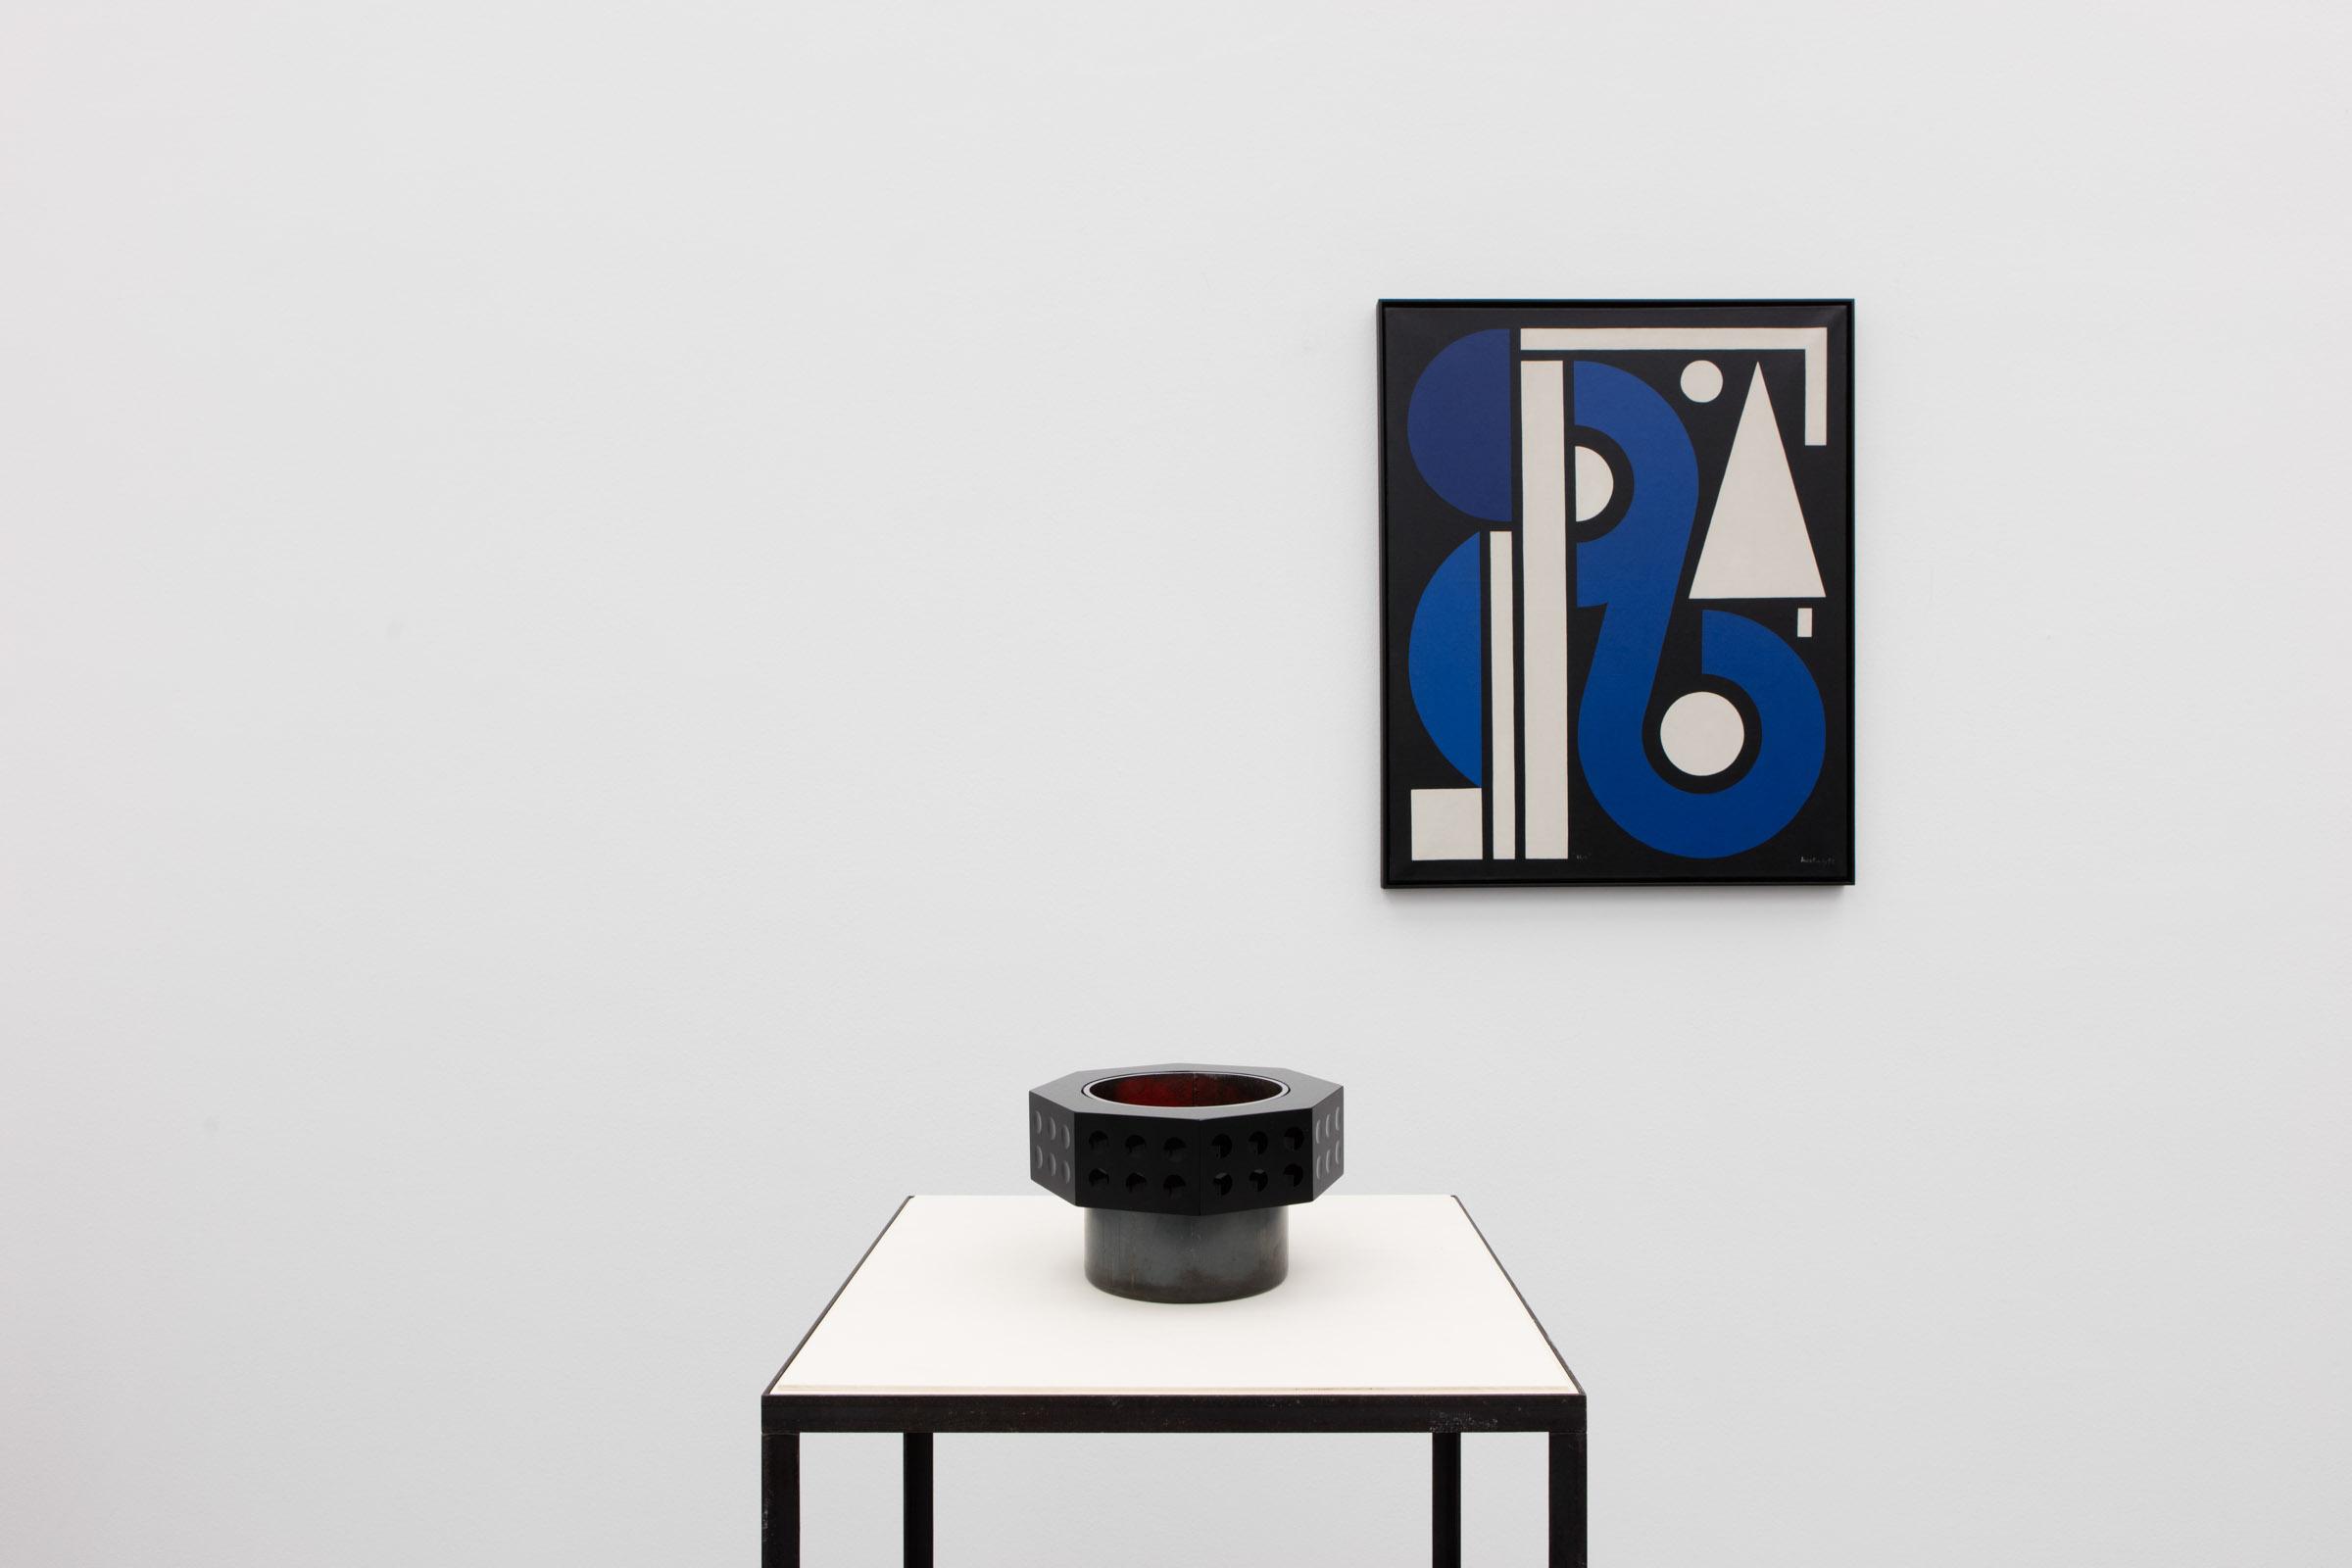 Galerie von Bartha_Anna Dickinson_2016_25_HighRes